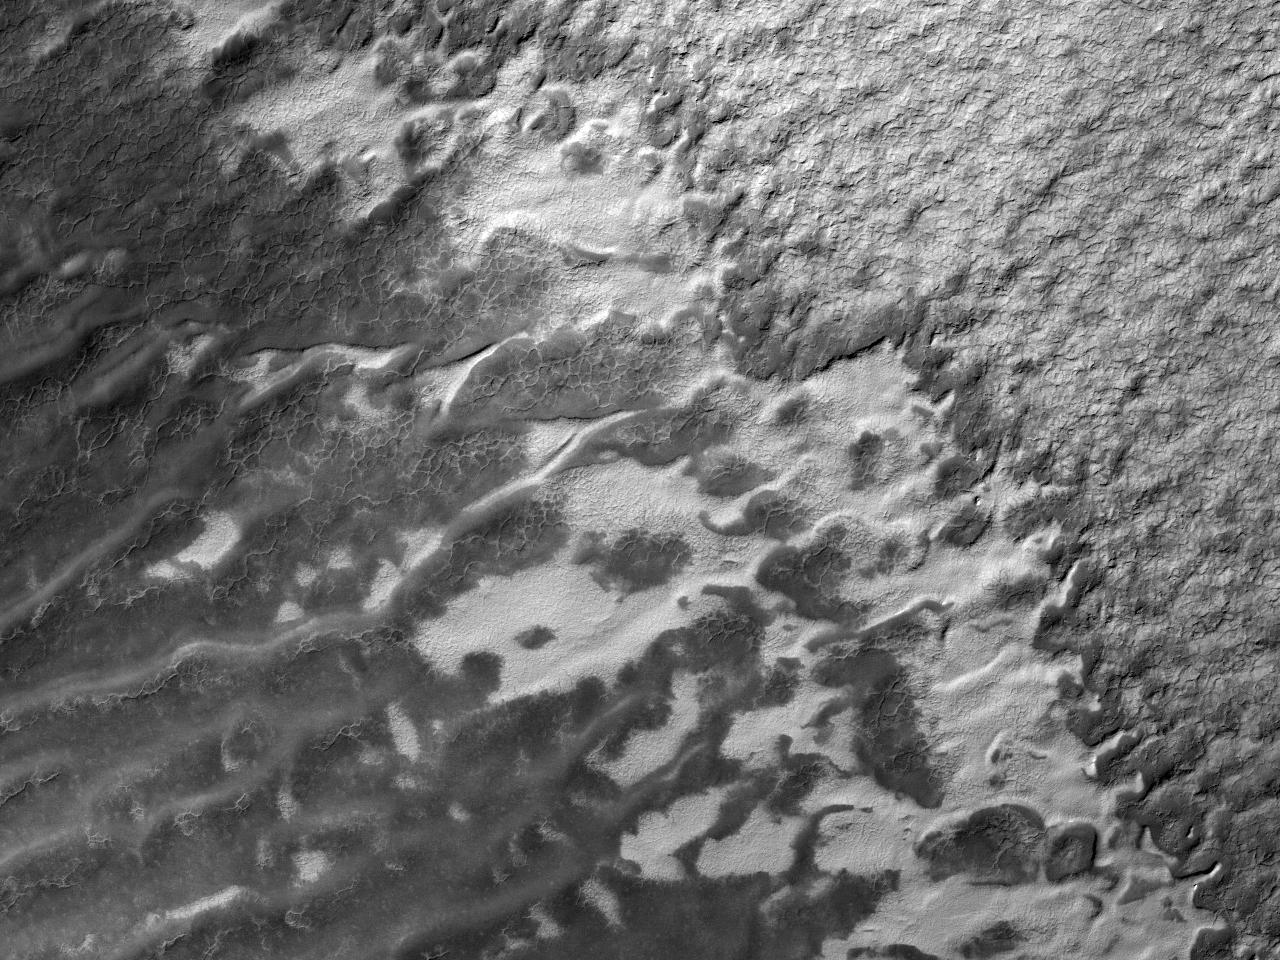 Слои в кратере, расположенном в южных широтах